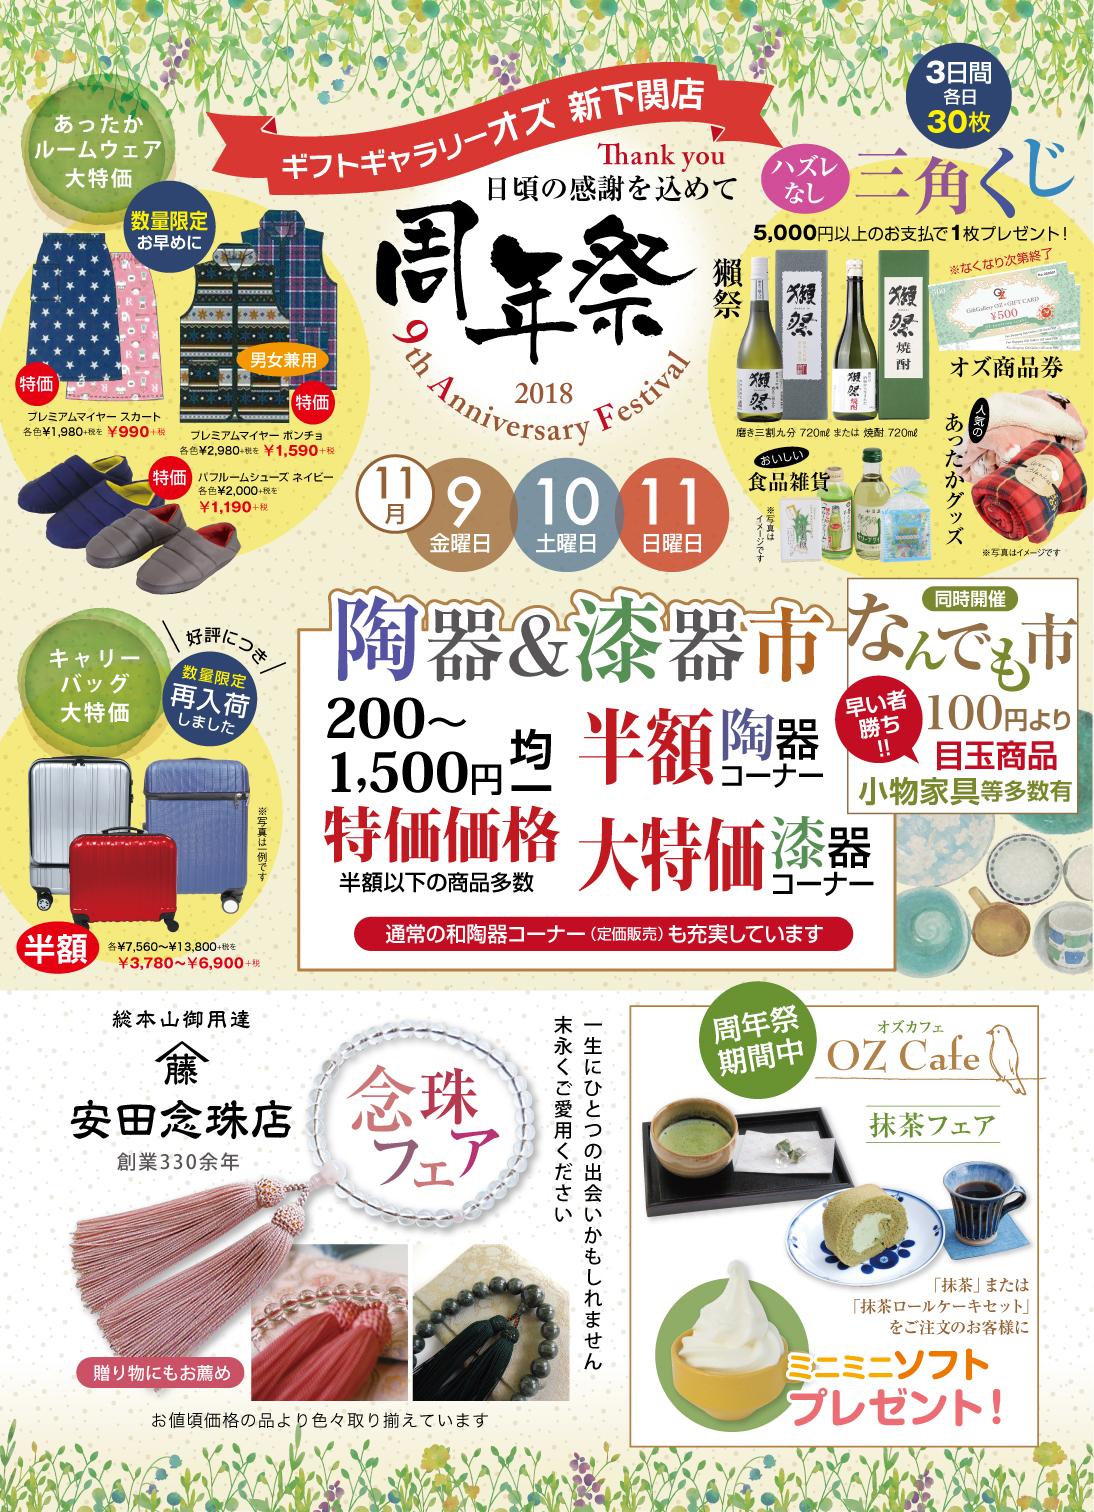 ありがとう!オズ新下関店9周年祭 イメージ